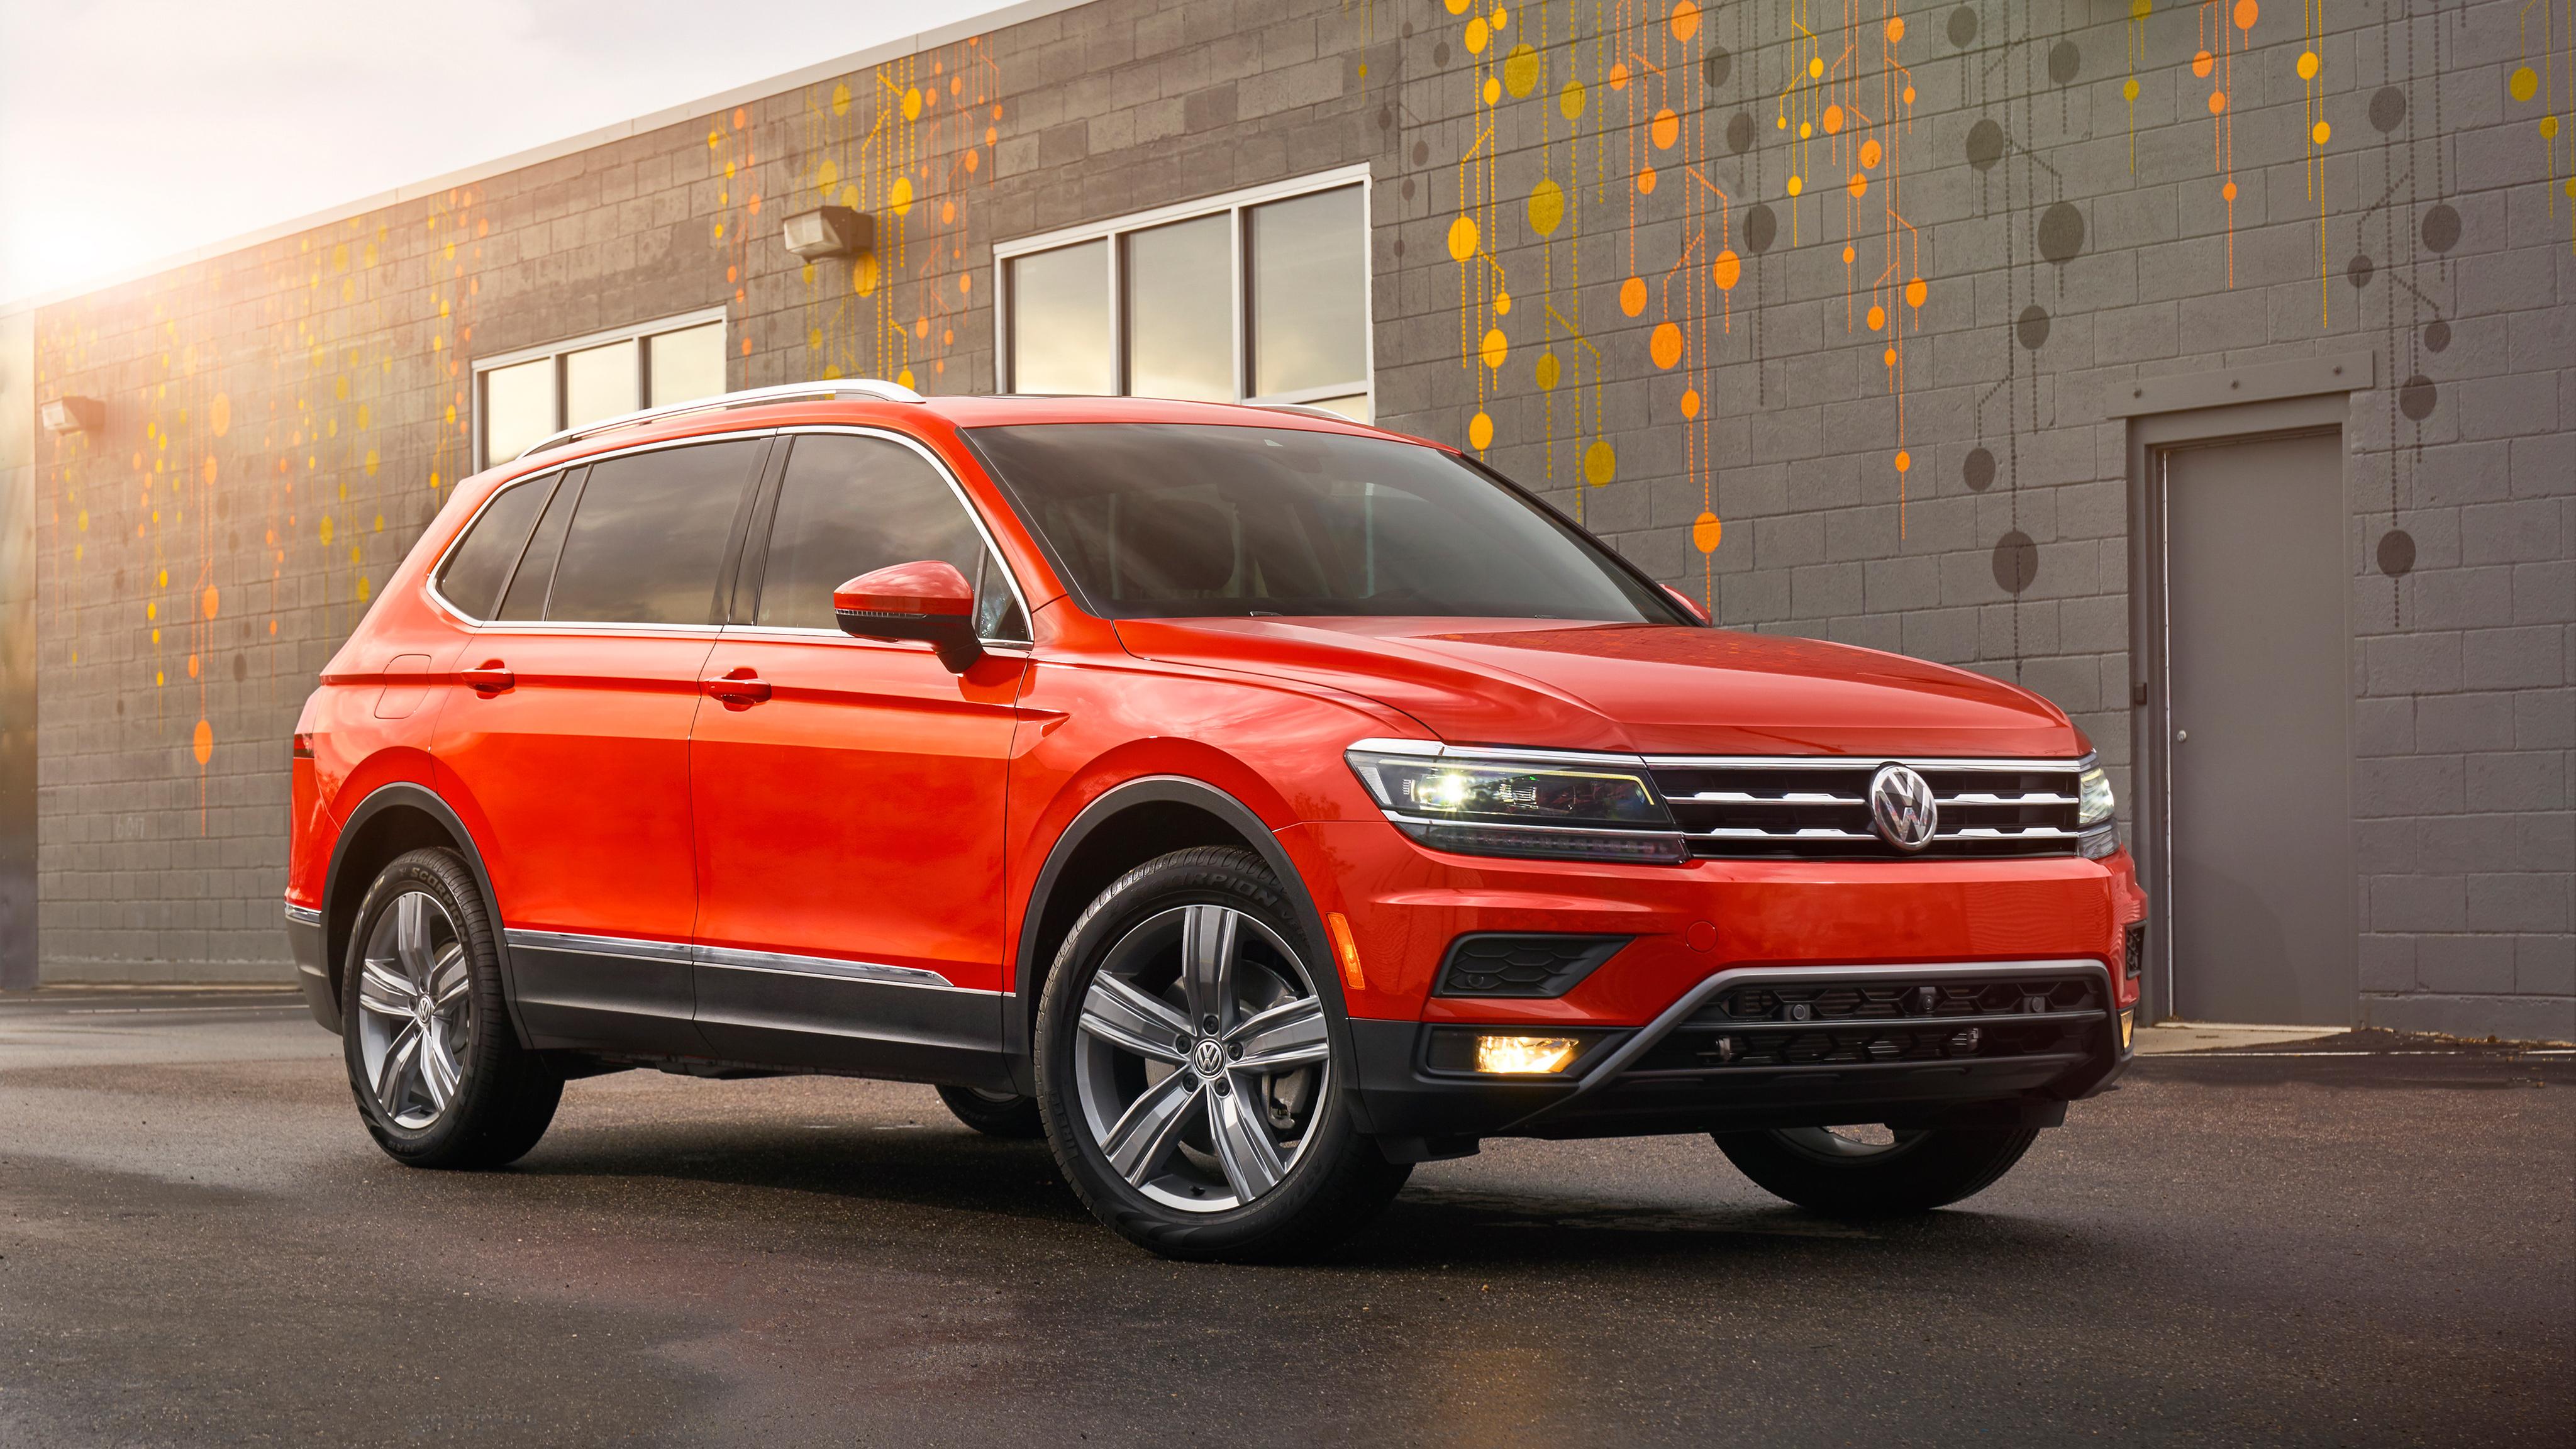 Image result for Volkswagen Tiguan wallpaper